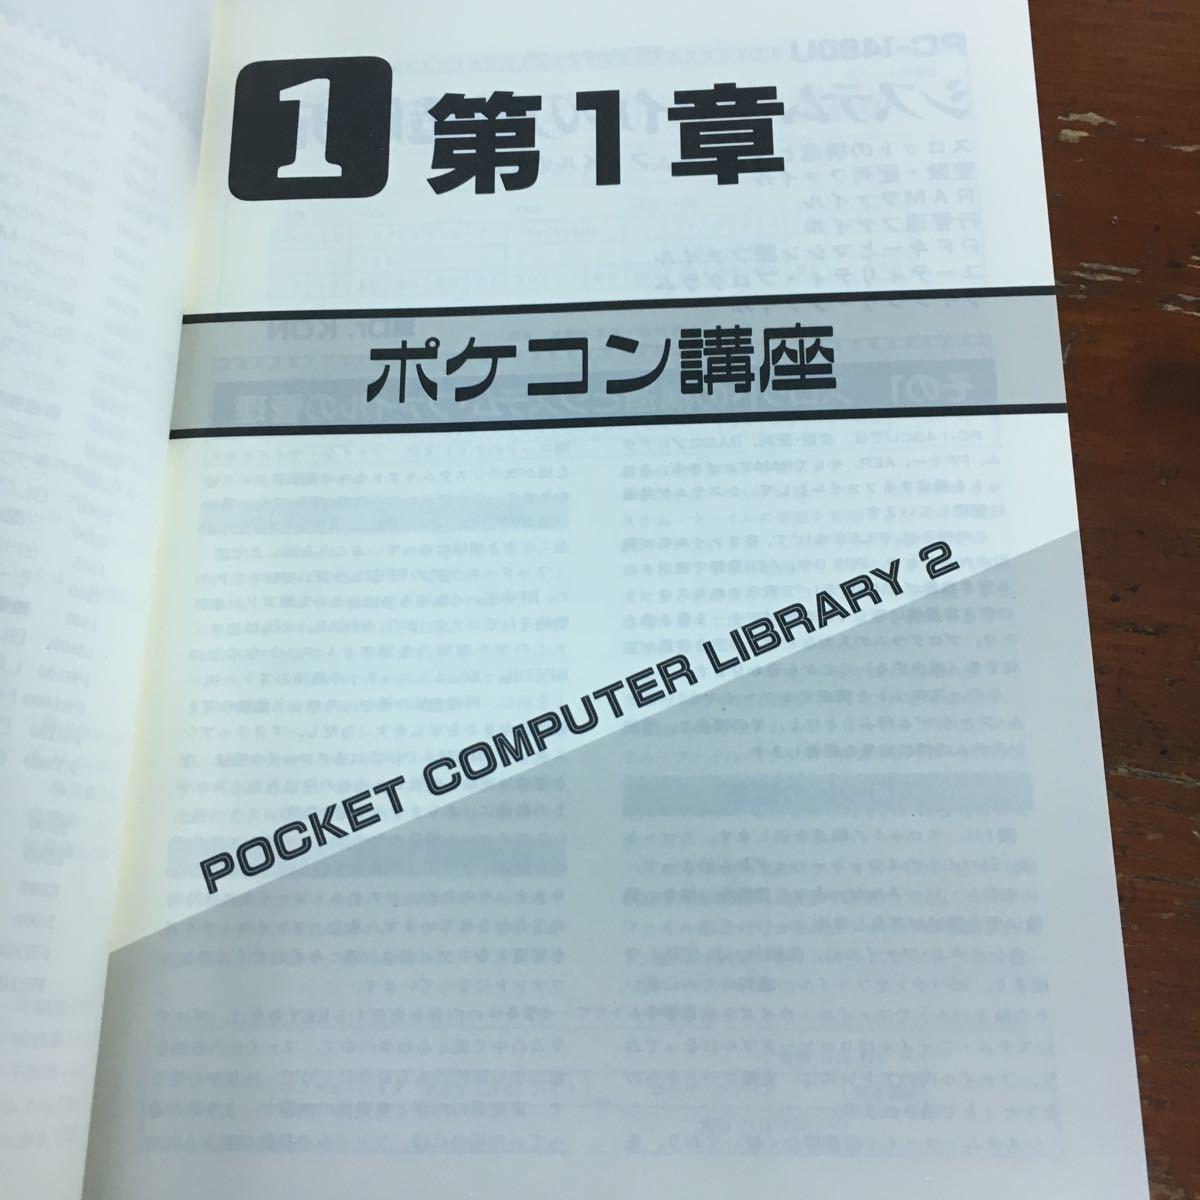 ポケットコンピュータ ポケコン・ライブラリ 2 工学社 i/o ブック 1992年 初版_画像4